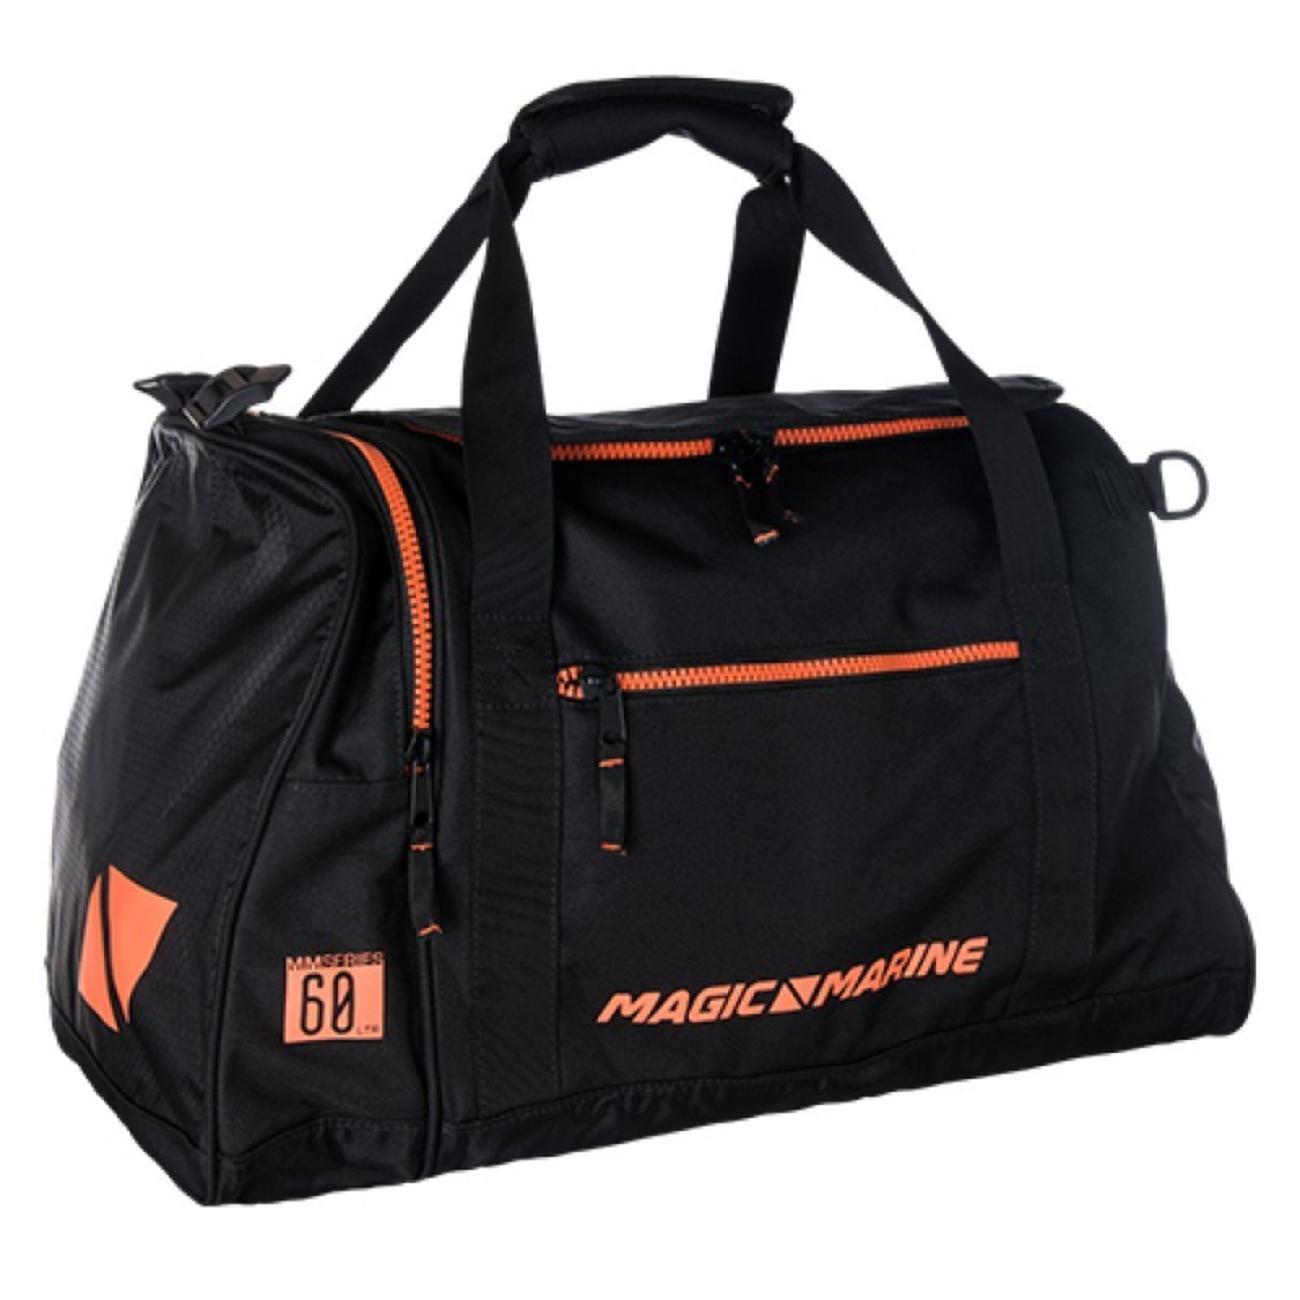 Sailing Bag 60L 大容量防水セーリングバッグ スポーツバッグ